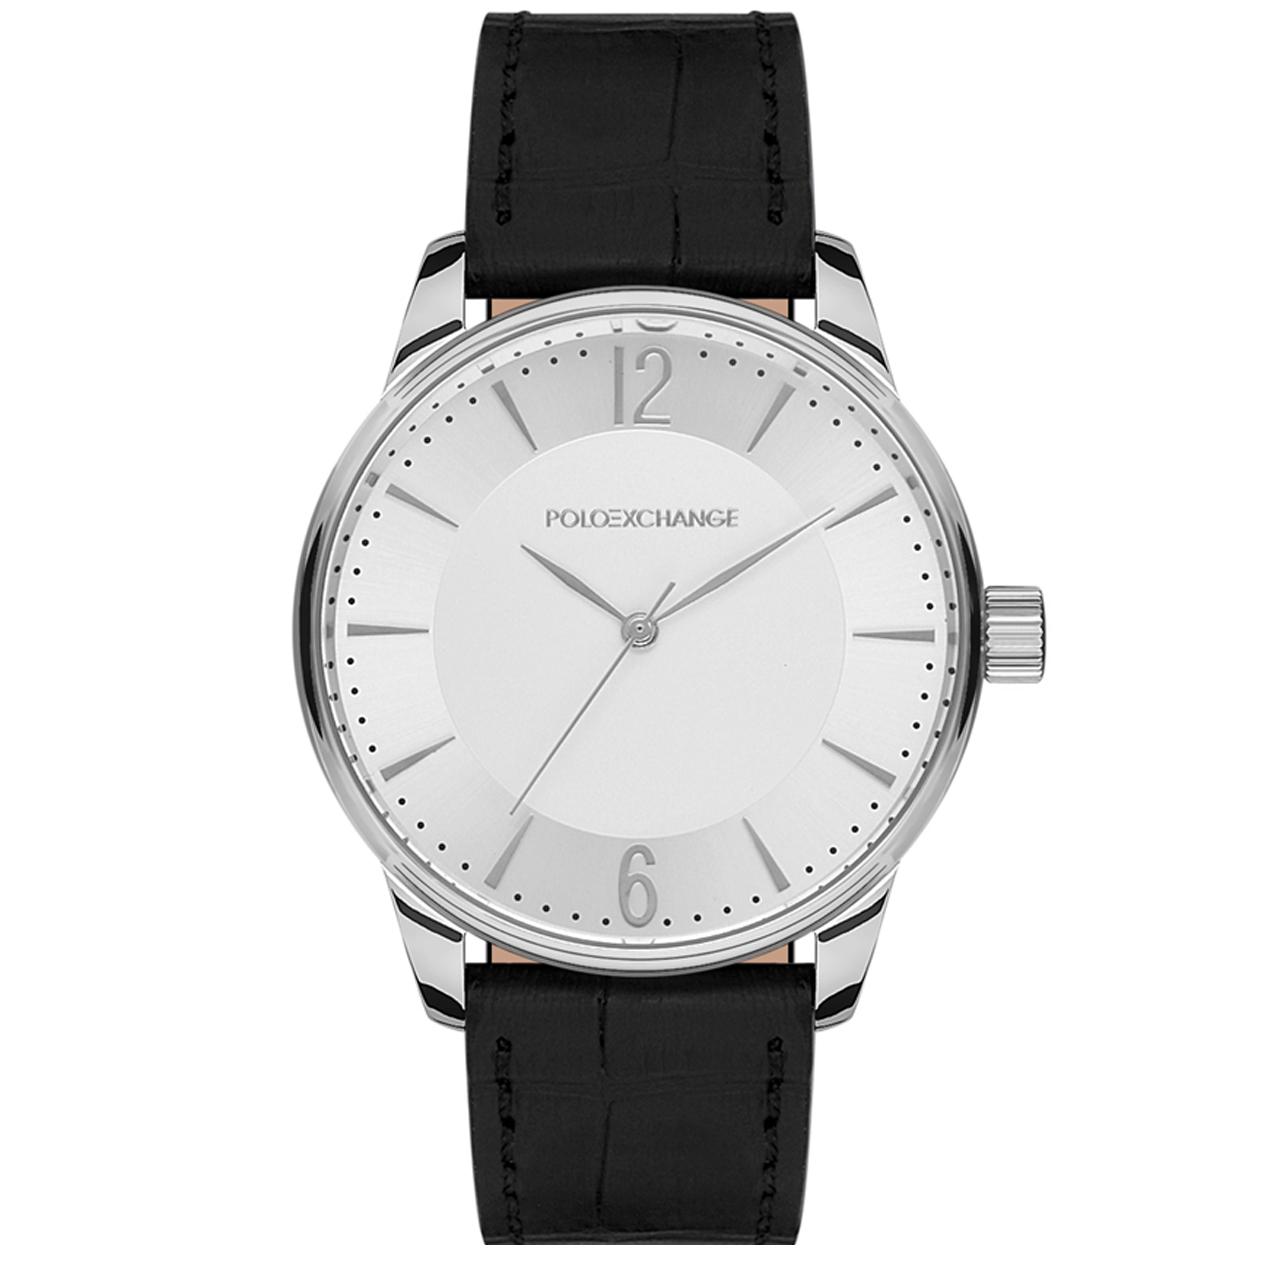 ساعت مچی عقربه ای مردانه پولواکسچینج مدل PX0134-01